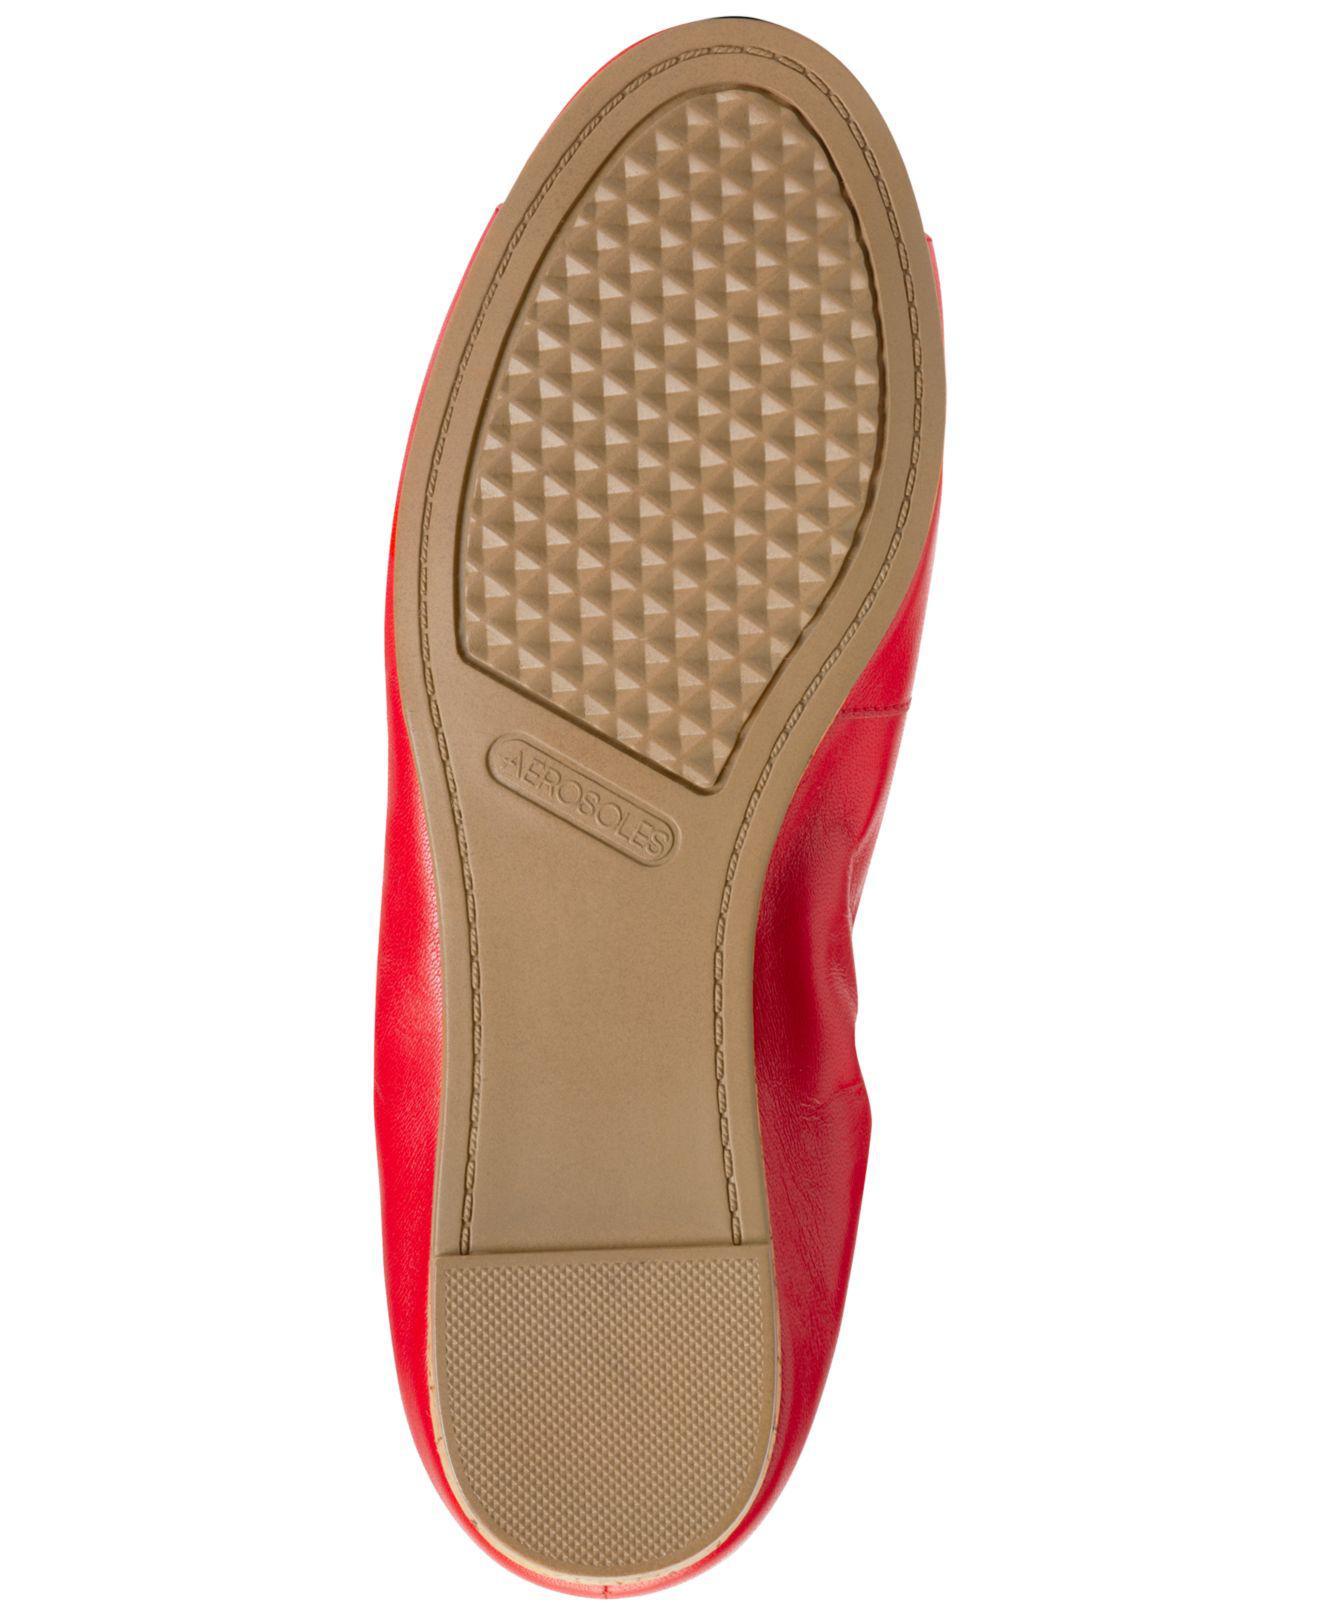 1403baa5b3f2 Lyst - Aerosoles Tidbit Peep-toe Flats in Red